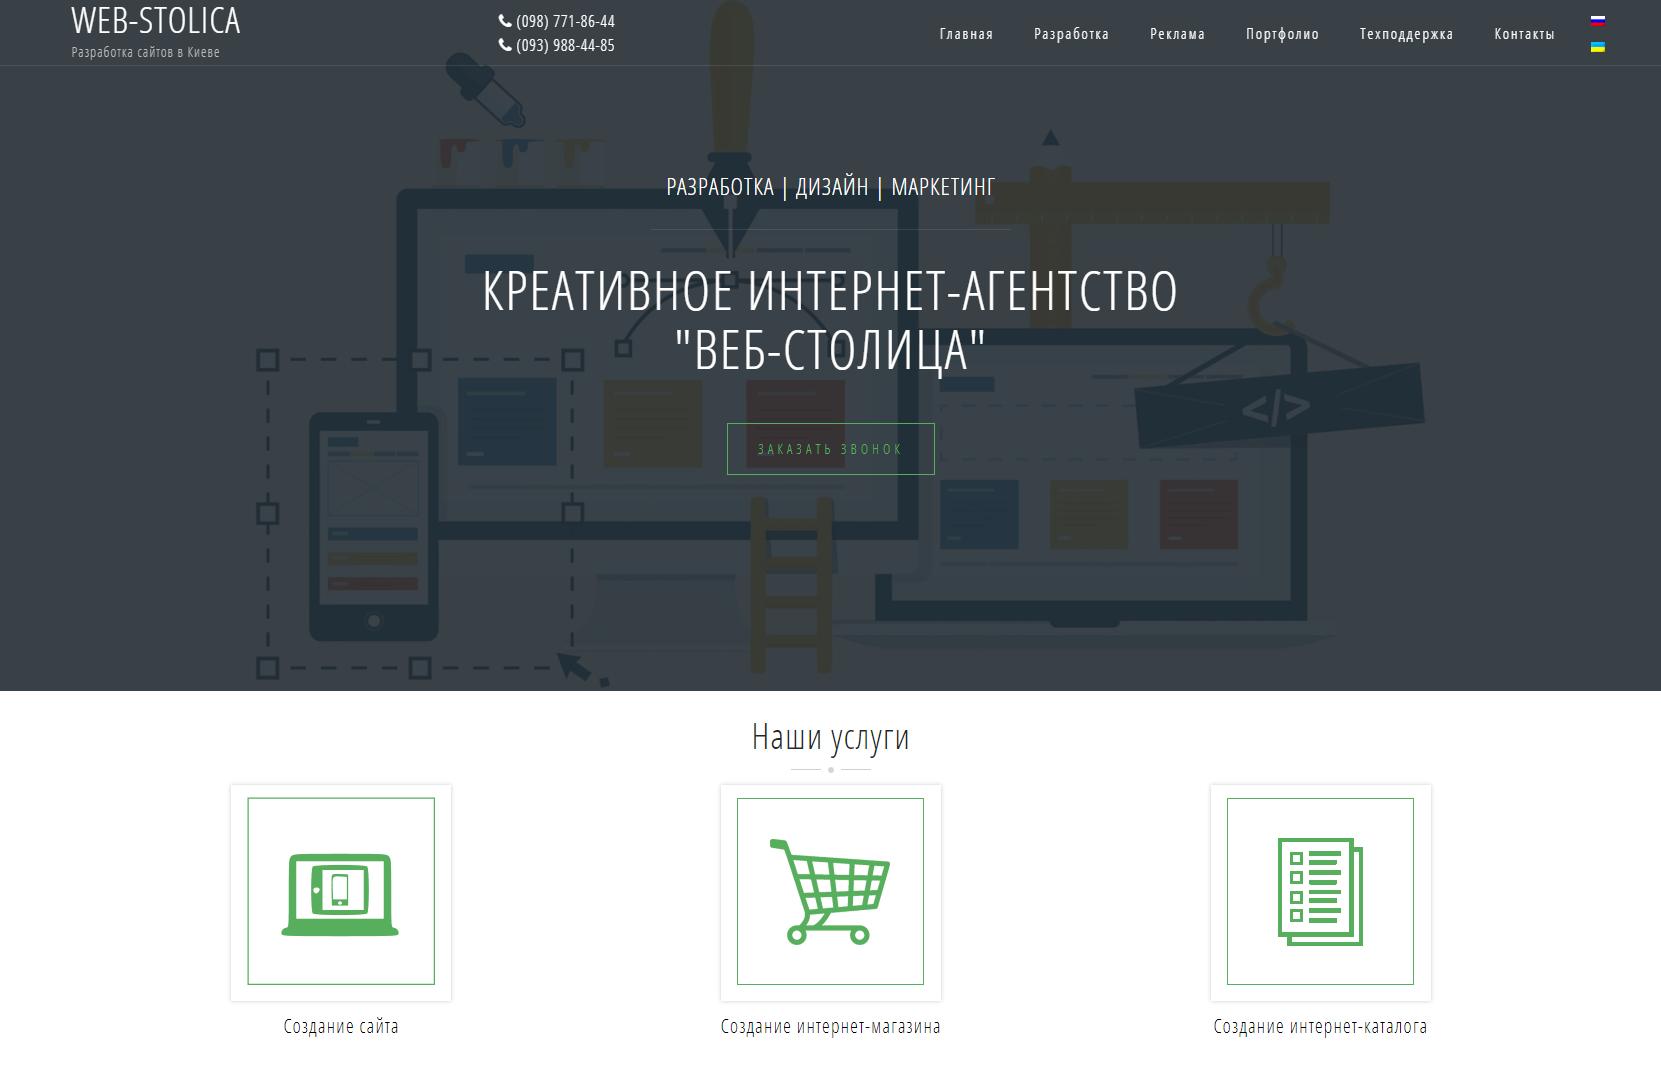 WEB-STOLICA - обзор компании, услуги, отзывы, клиенты, Фото № 1 - google-seo.pro